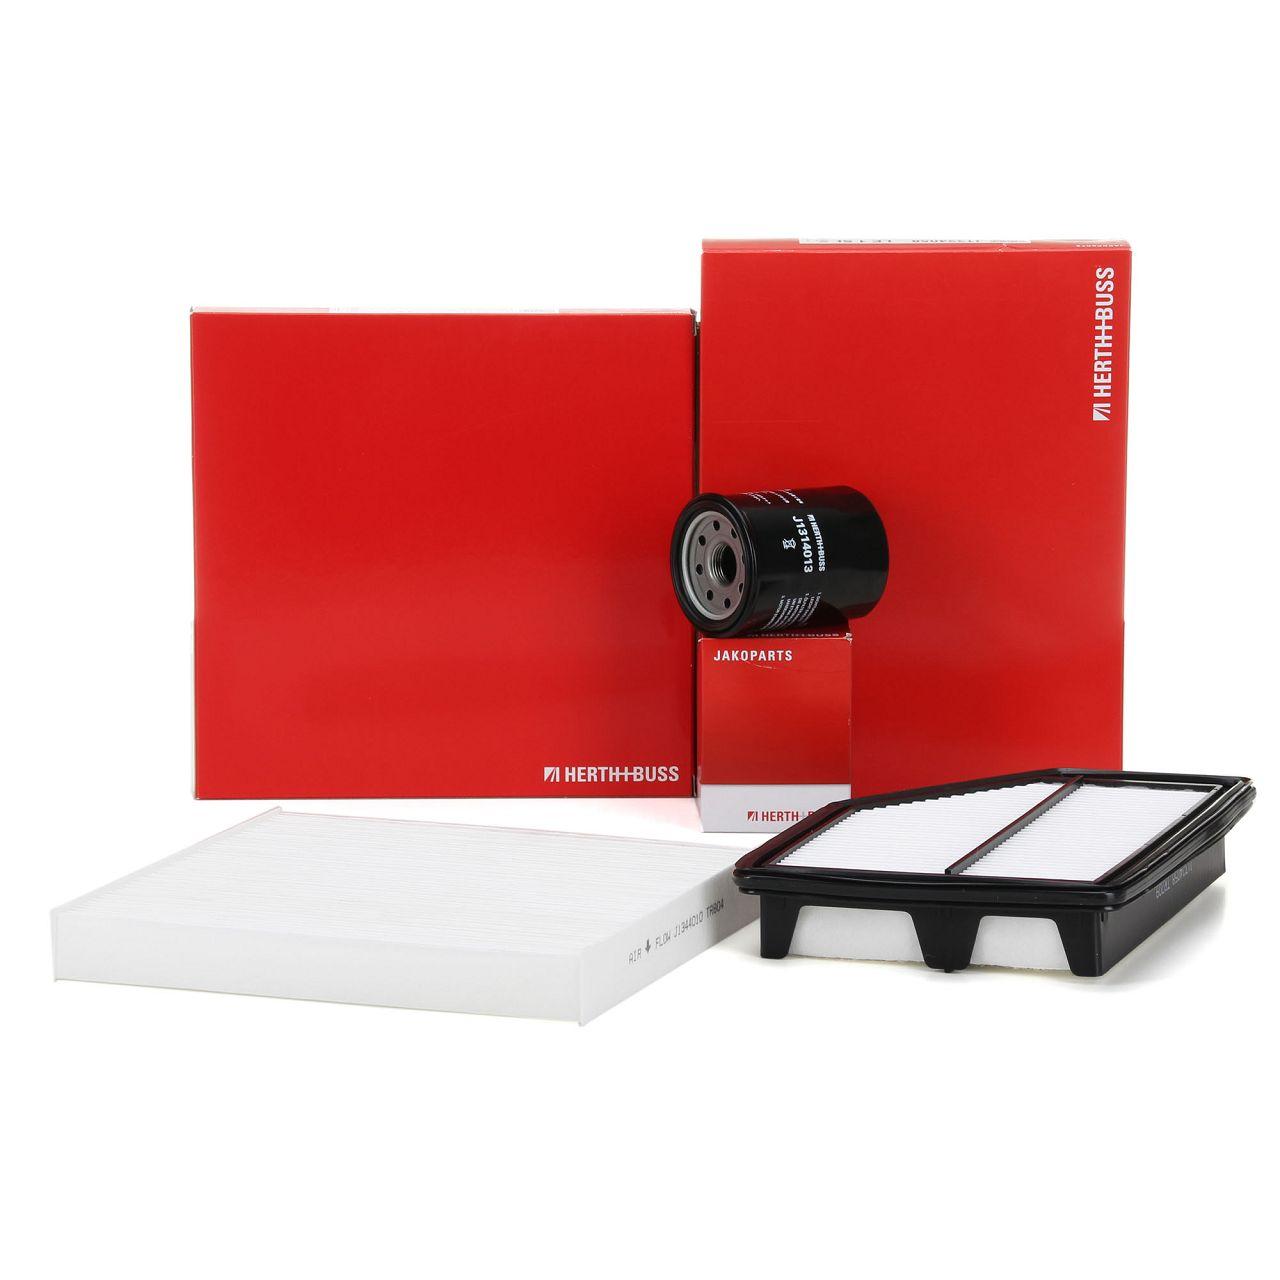 HERTH+BUSS JAKOPARTS Filterpaket Filterset für HONDA CR-V III RE 2.0i 4WD 150PS